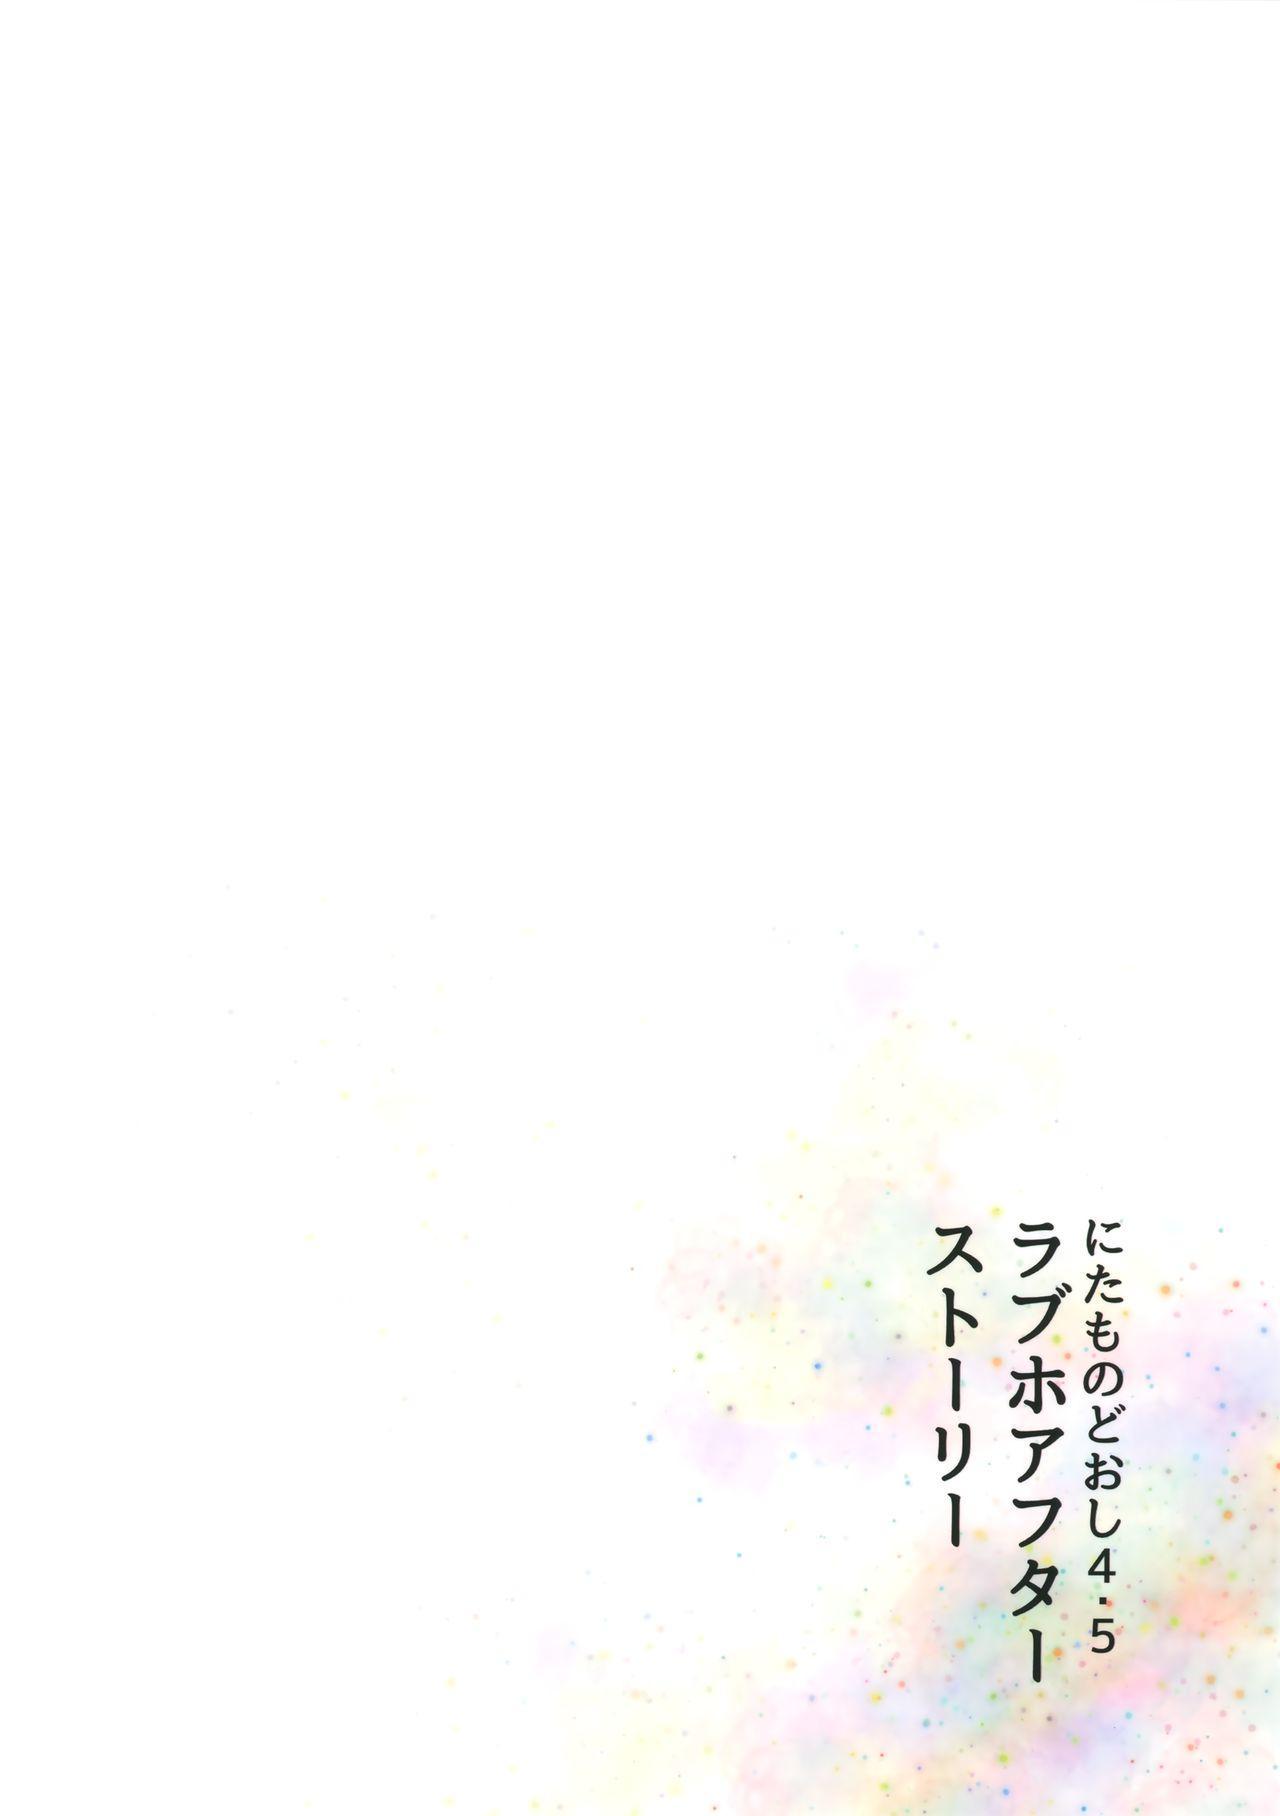 Nitamonodoosi4.5 LoveHo After Story 25